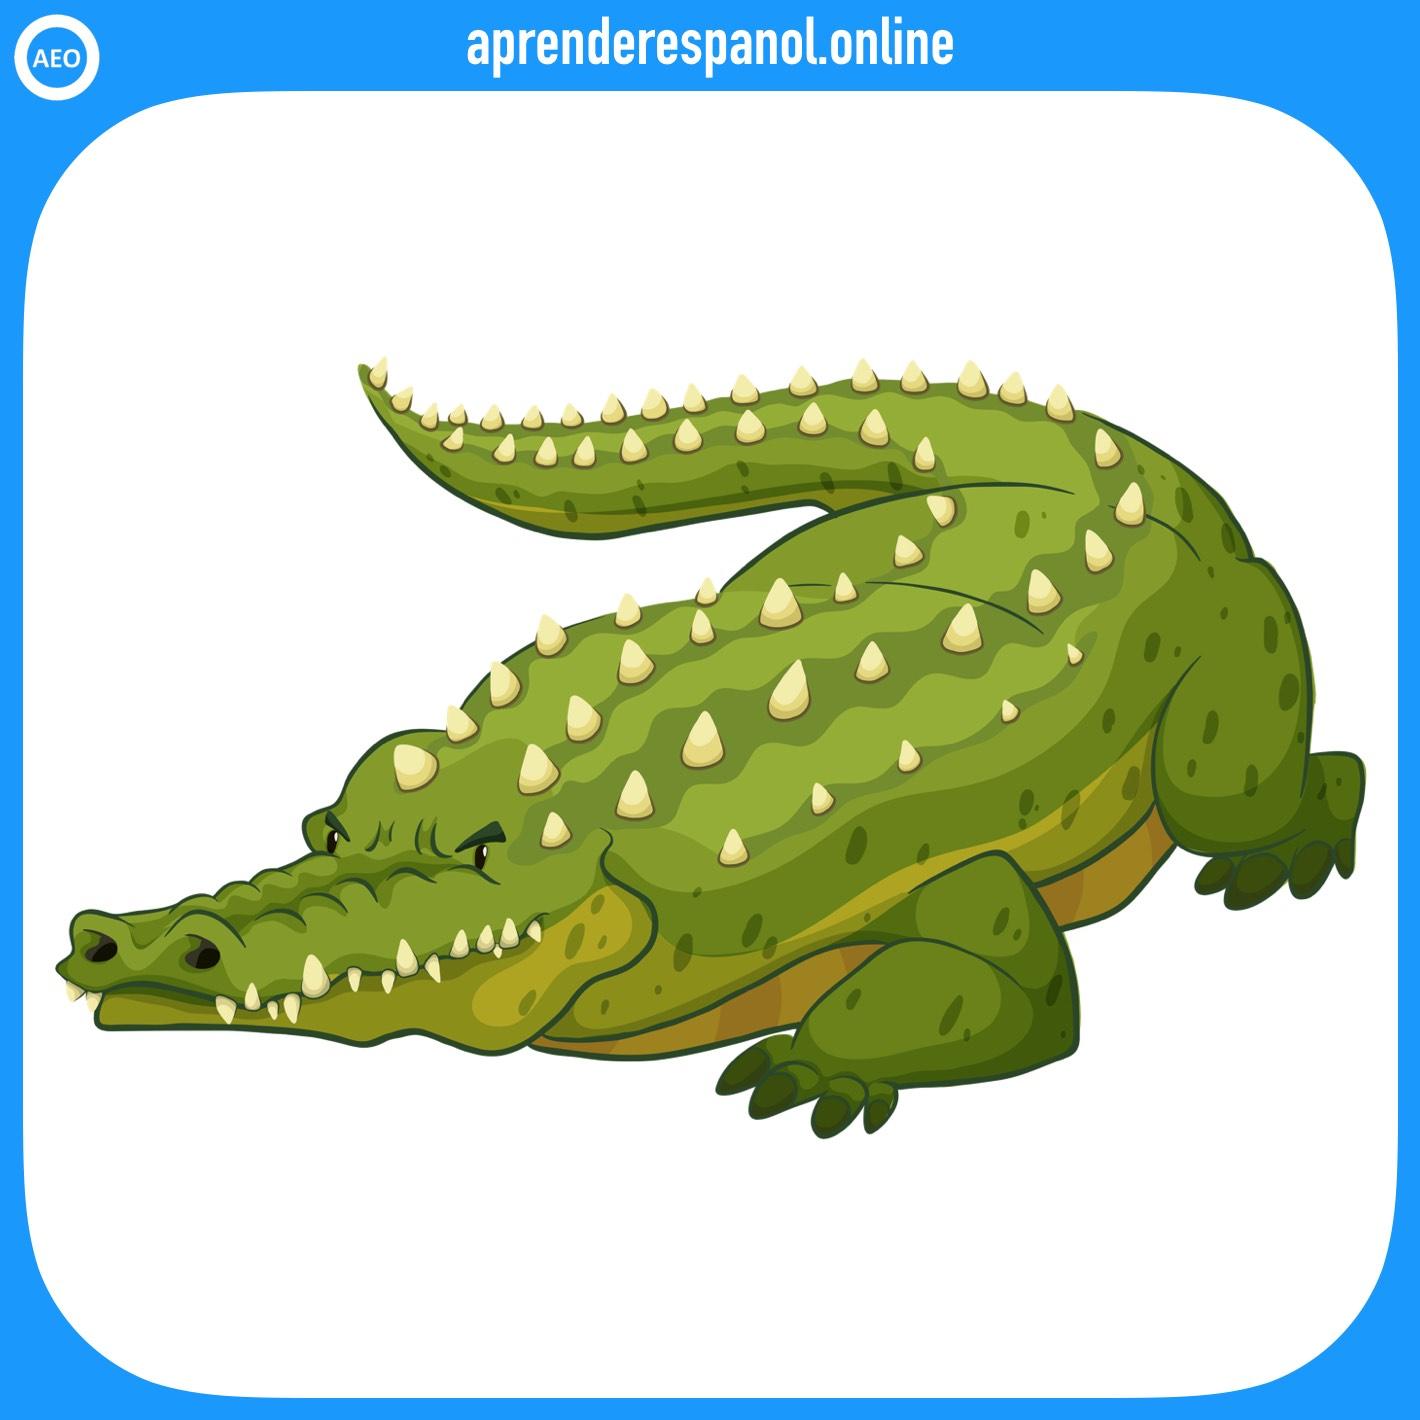 cocodrilo | animales en español | vocabulario de los animales en español